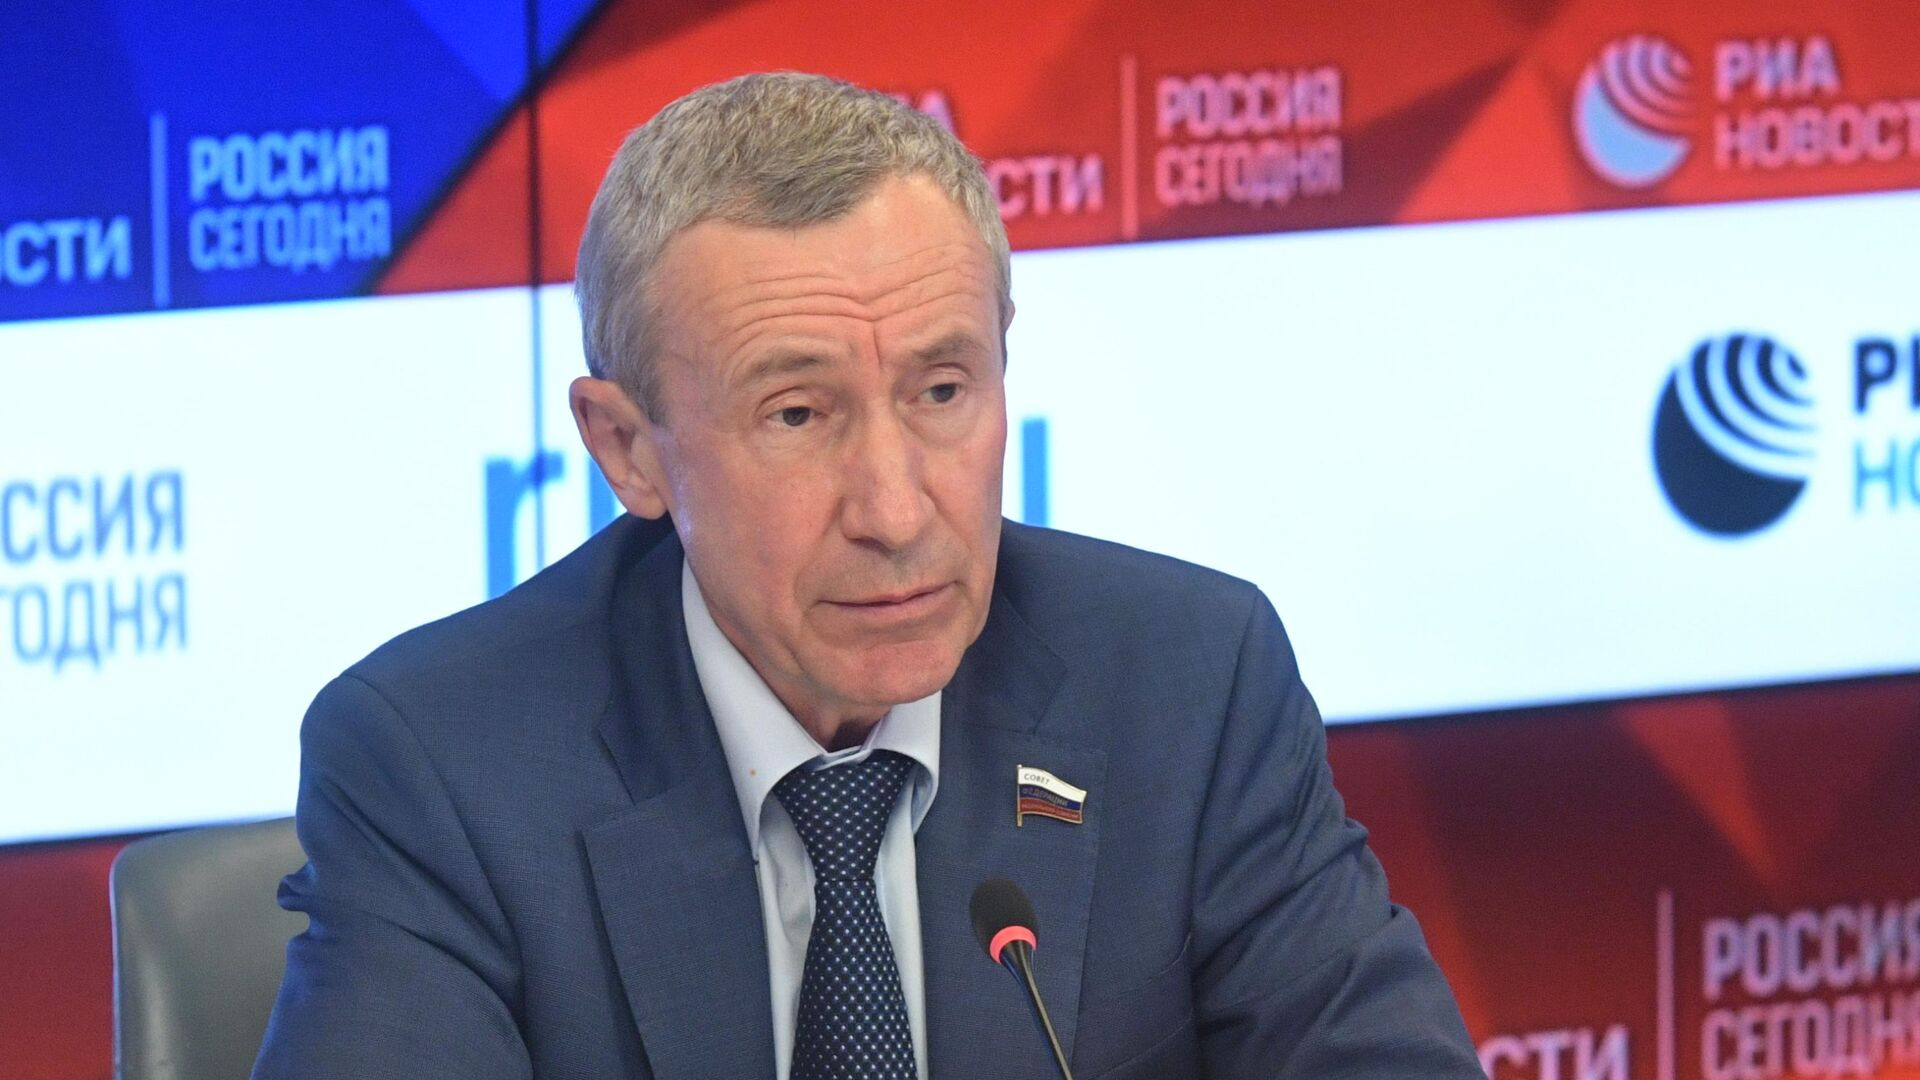 Сенатор рассказал о попытках стран ОБСЕ вмешаться в выборы в Госдуму